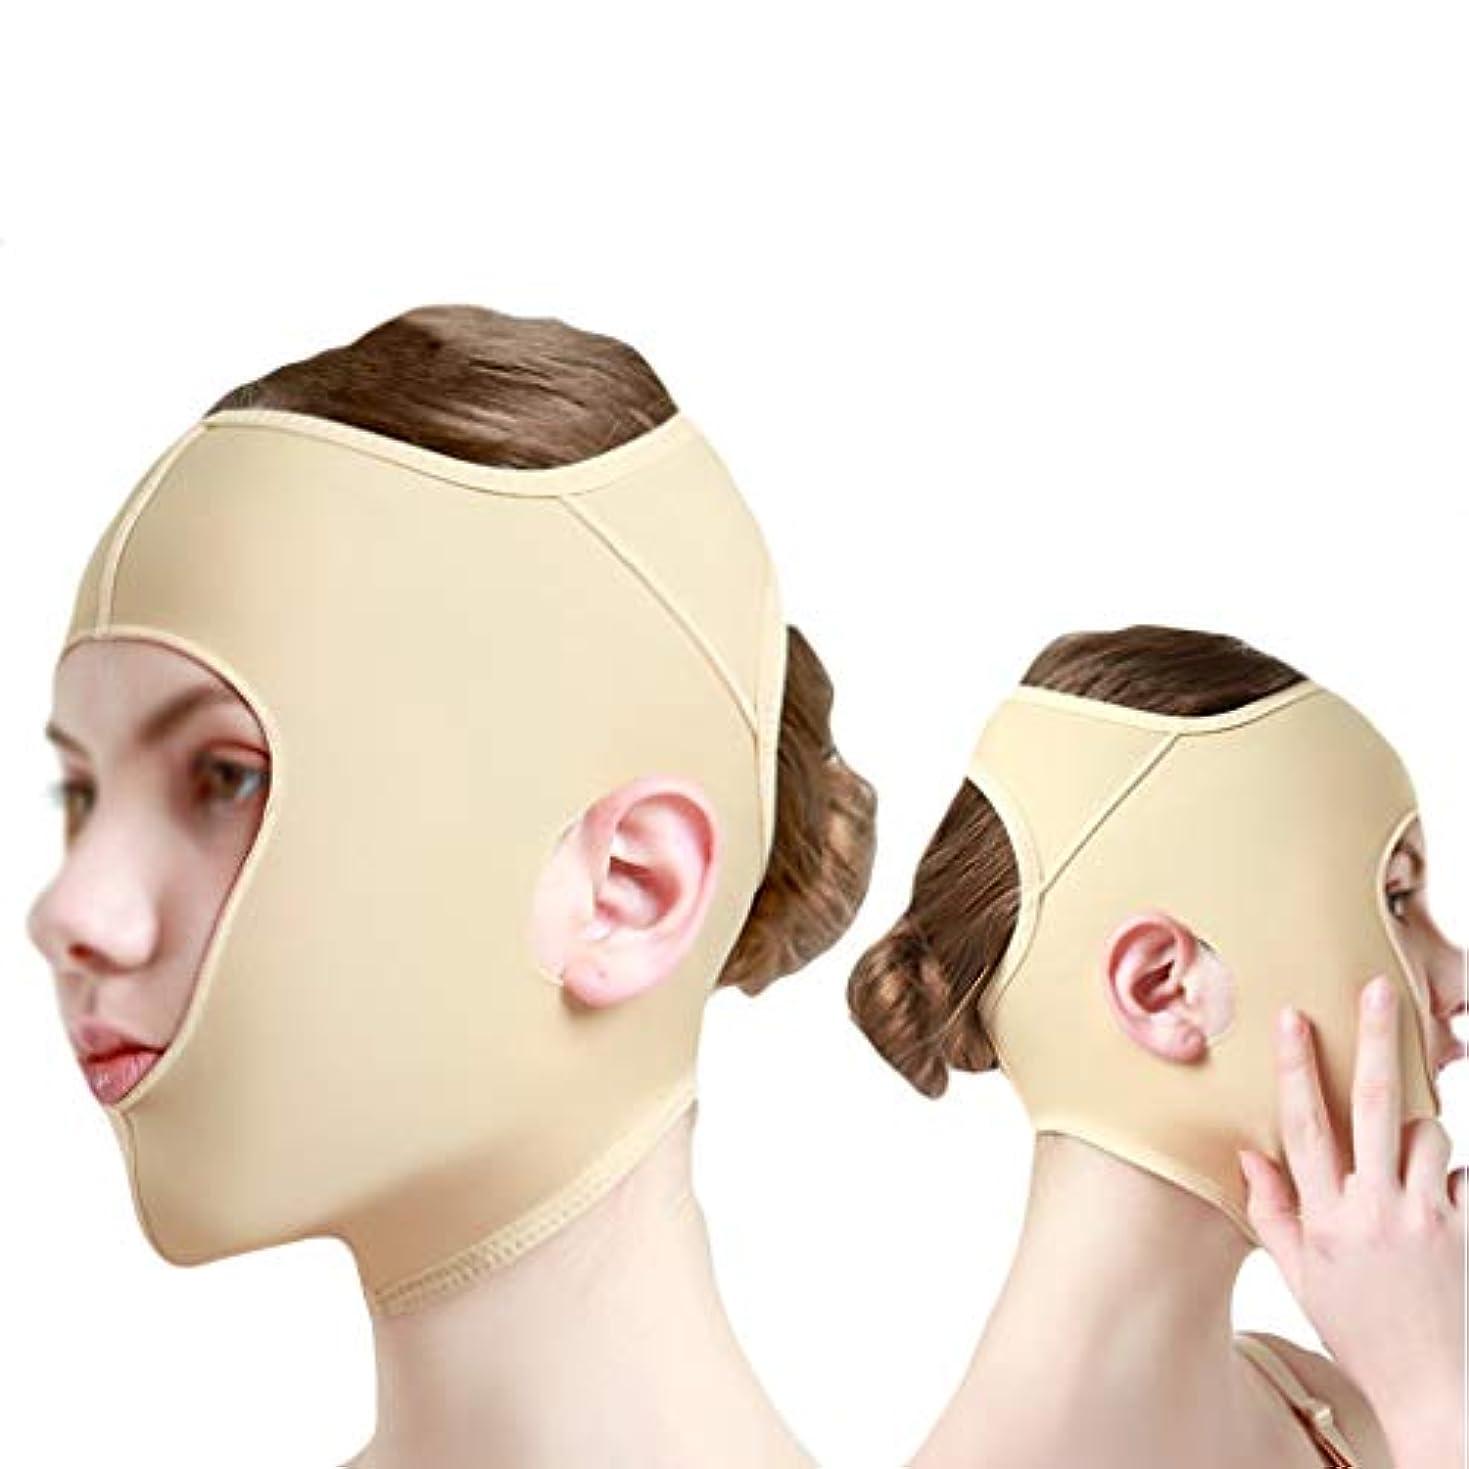 ラインシンカン両方顔の彫刻ツール、脂肪吸引フード、二重あご包帯、ストレッチマスク (Size : S)